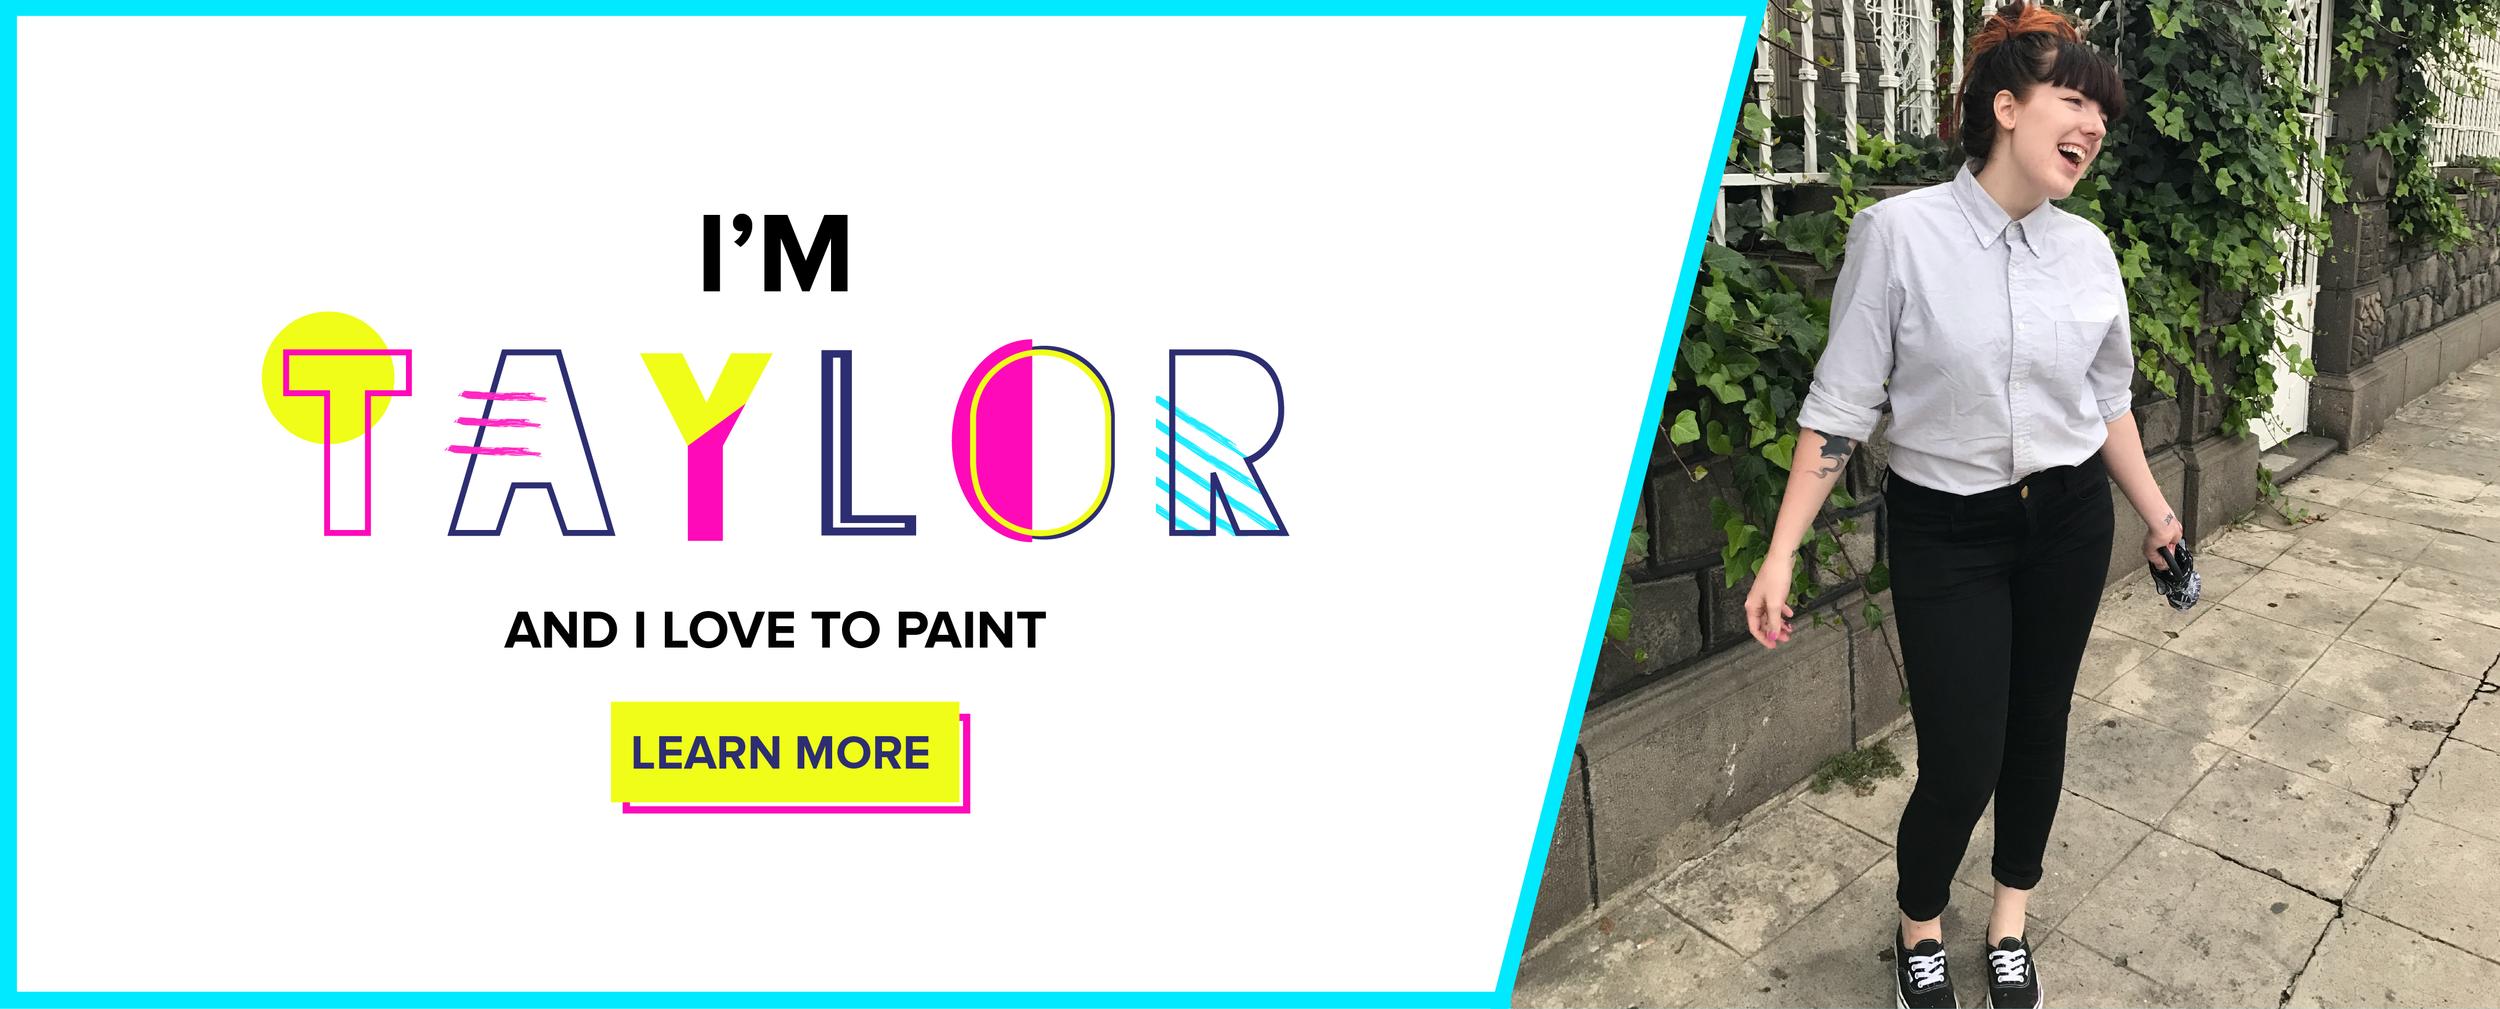 Bold & Pop : Taylor Lee Branding & Website Design